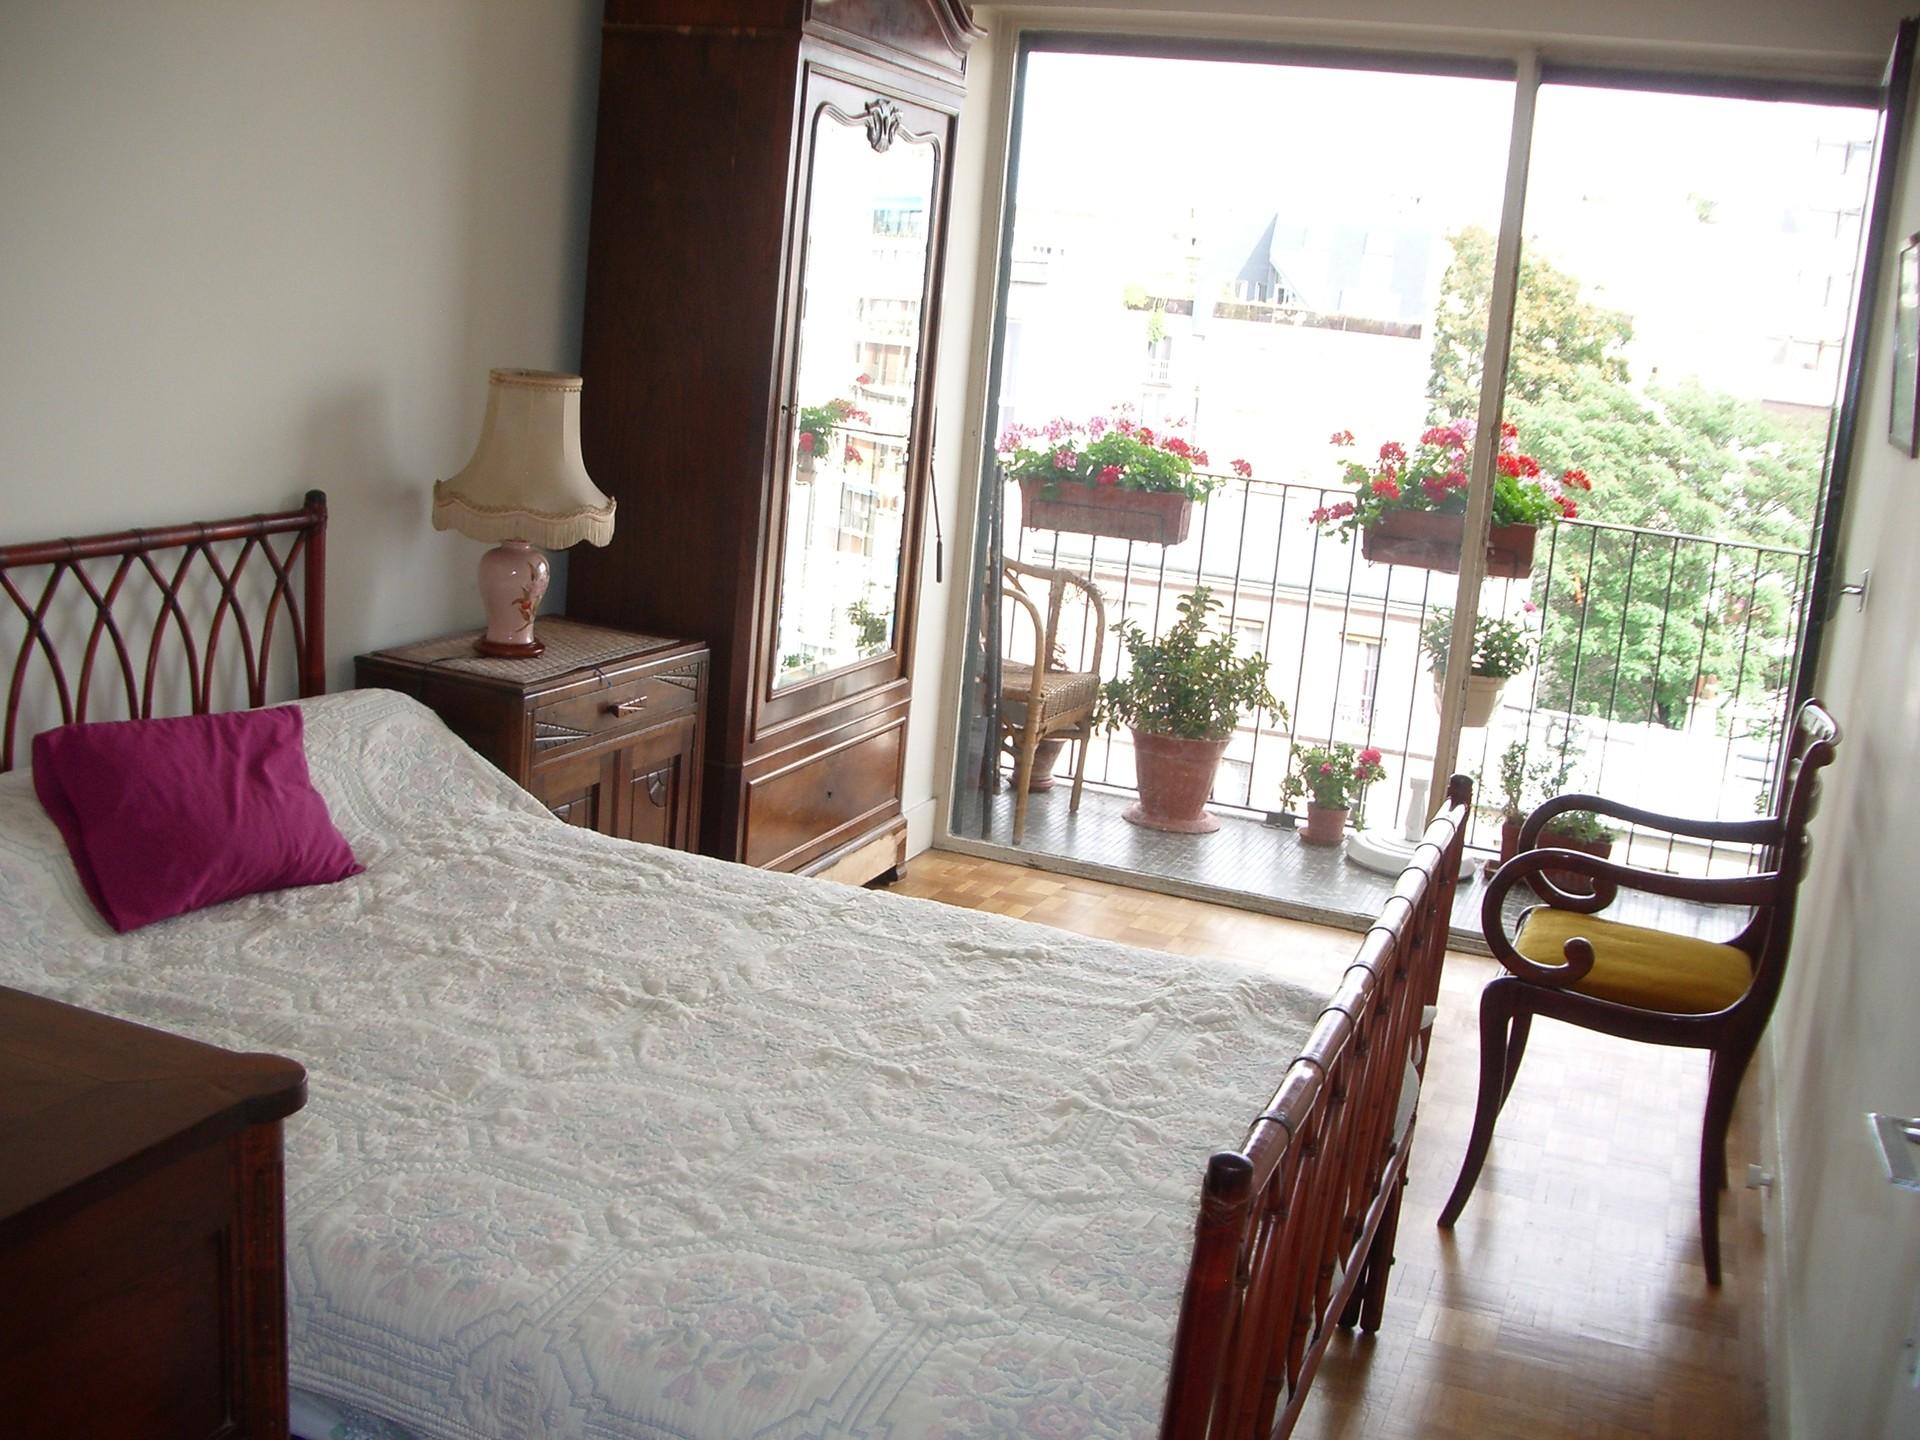 Chambre meubl e charmante et ensoleill e location chambres paris - Chambre pour etudiant etranger ...